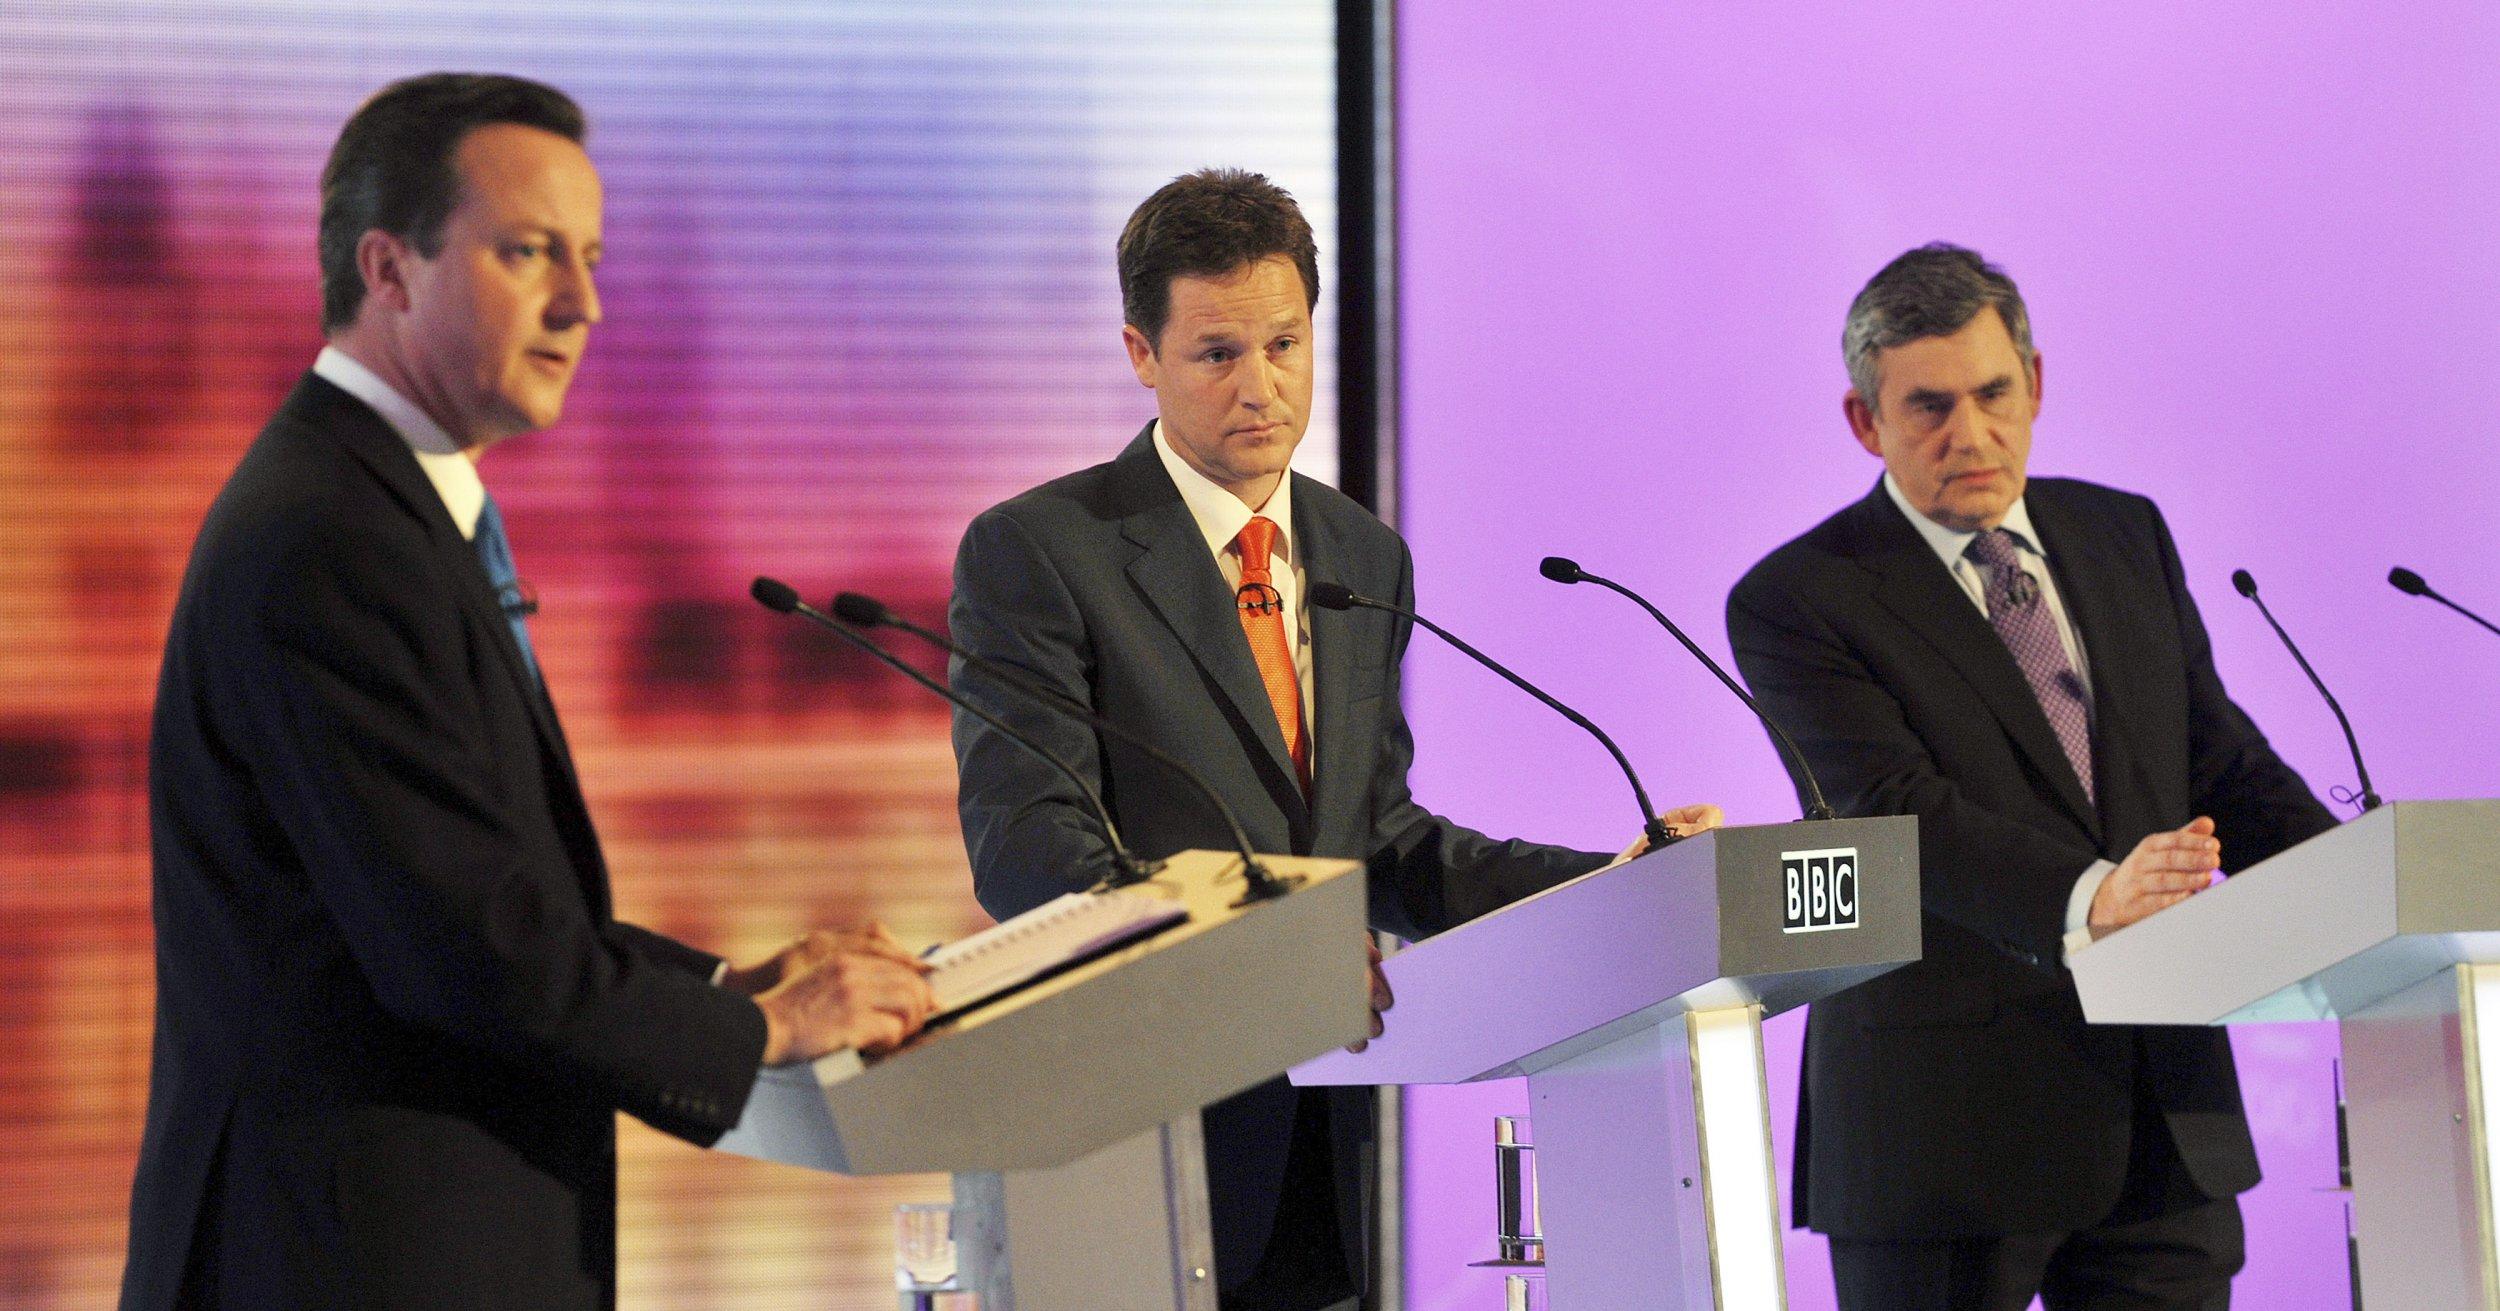 2010 Election Debates